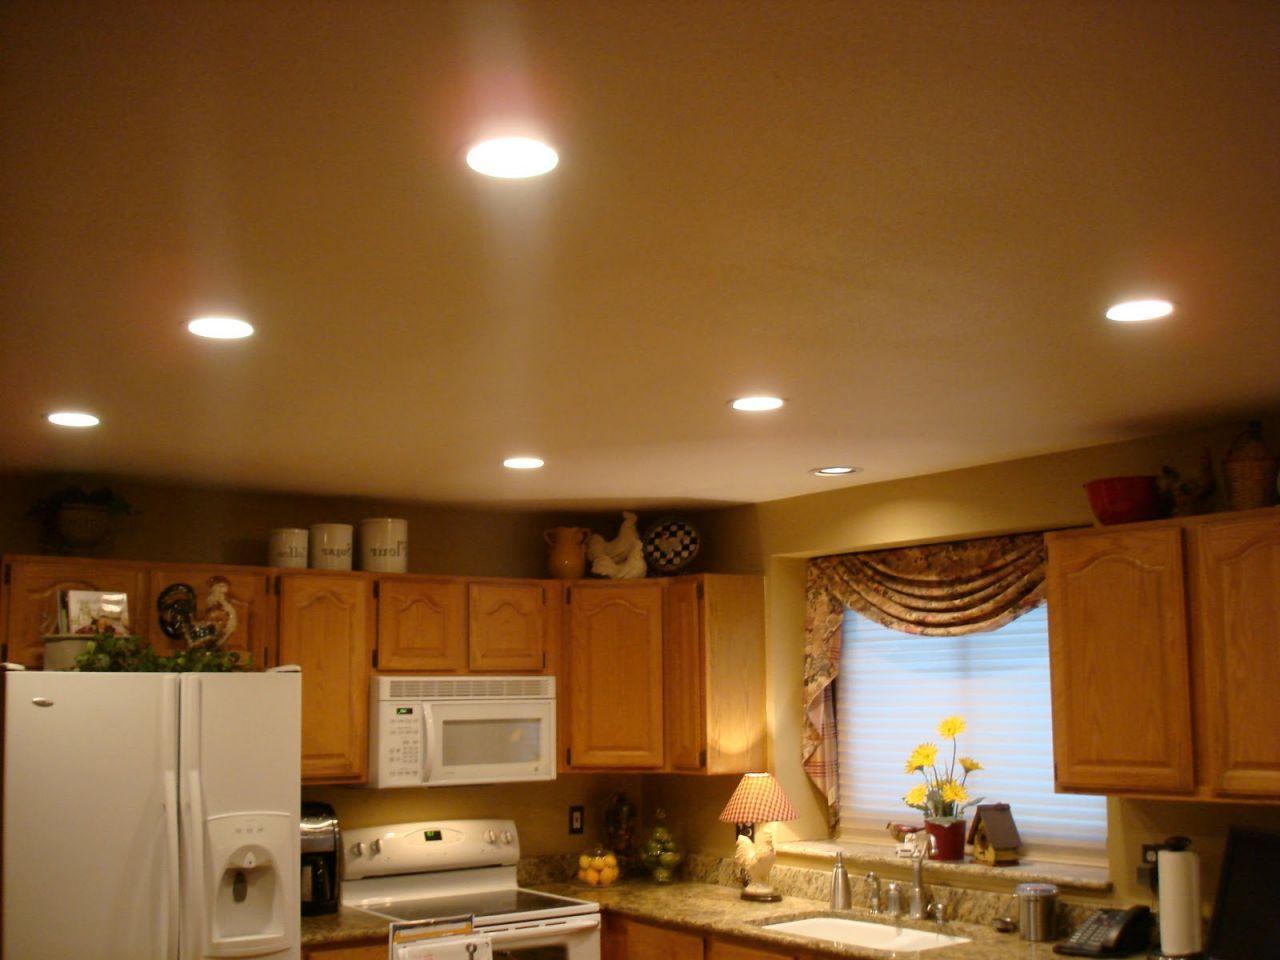 Lighting Utilitech Pro Led Light Intertek Led Lighting Lowes Led Track Ligh In 2020 Home Depot Light Fixture Kitchen Ceiling Lights Light Fixtures Bedroom Ceiling